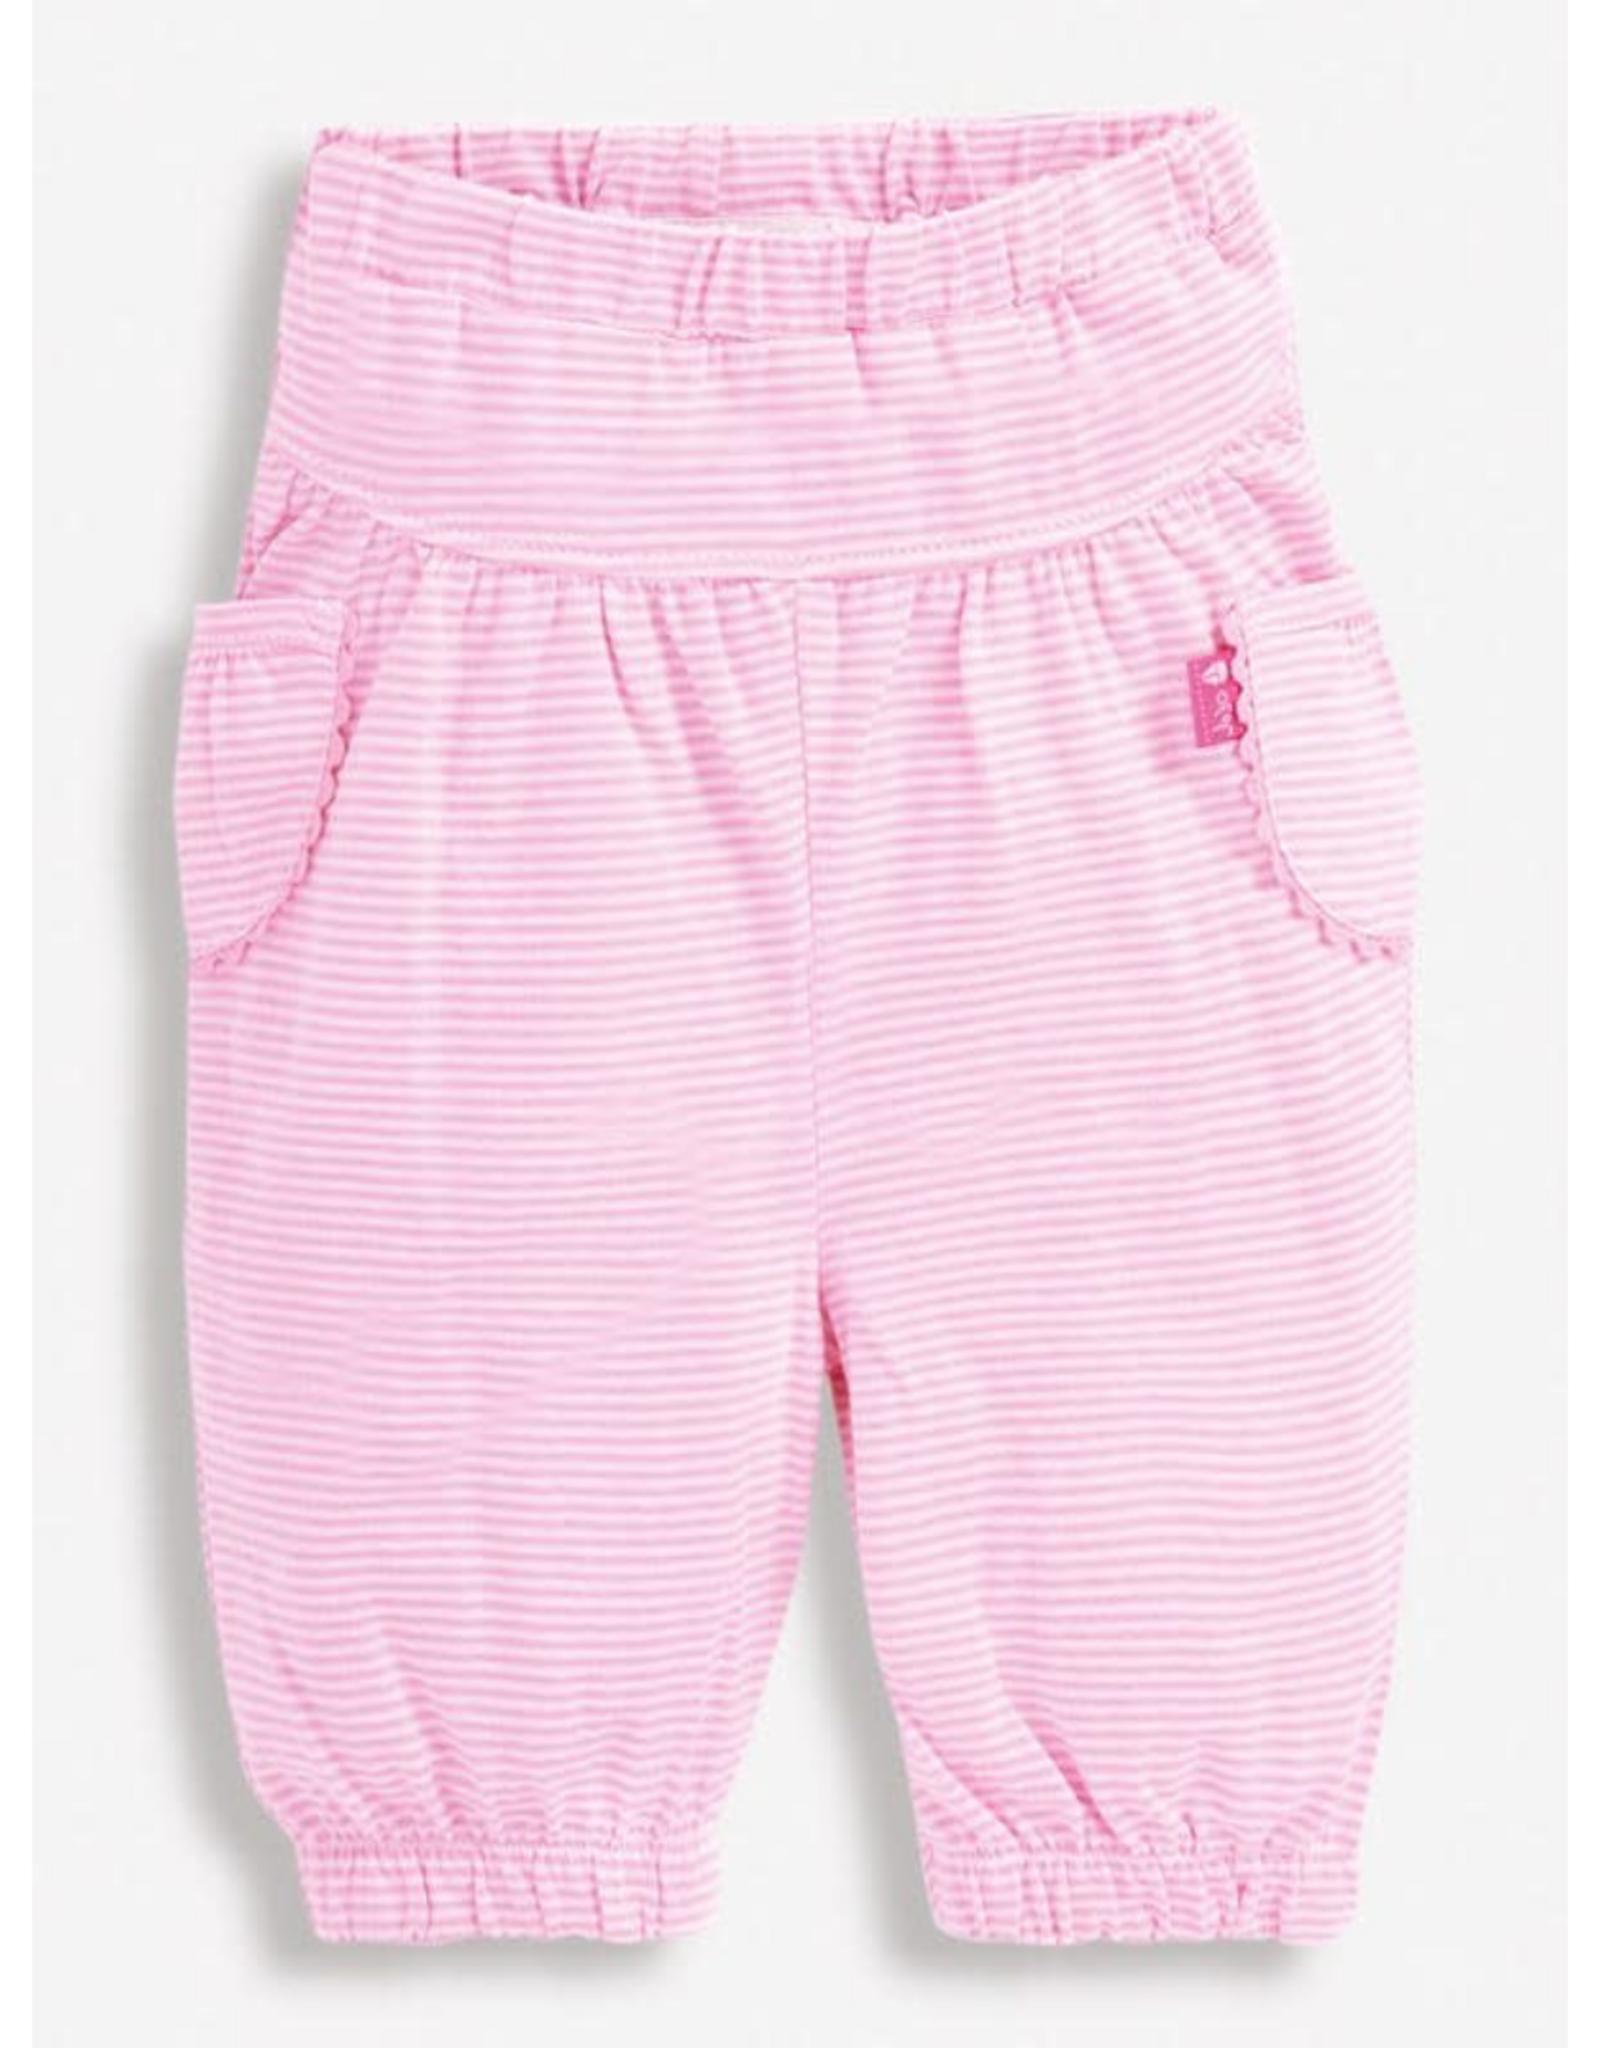 Jojo Baby Trousers, Pink Stripe